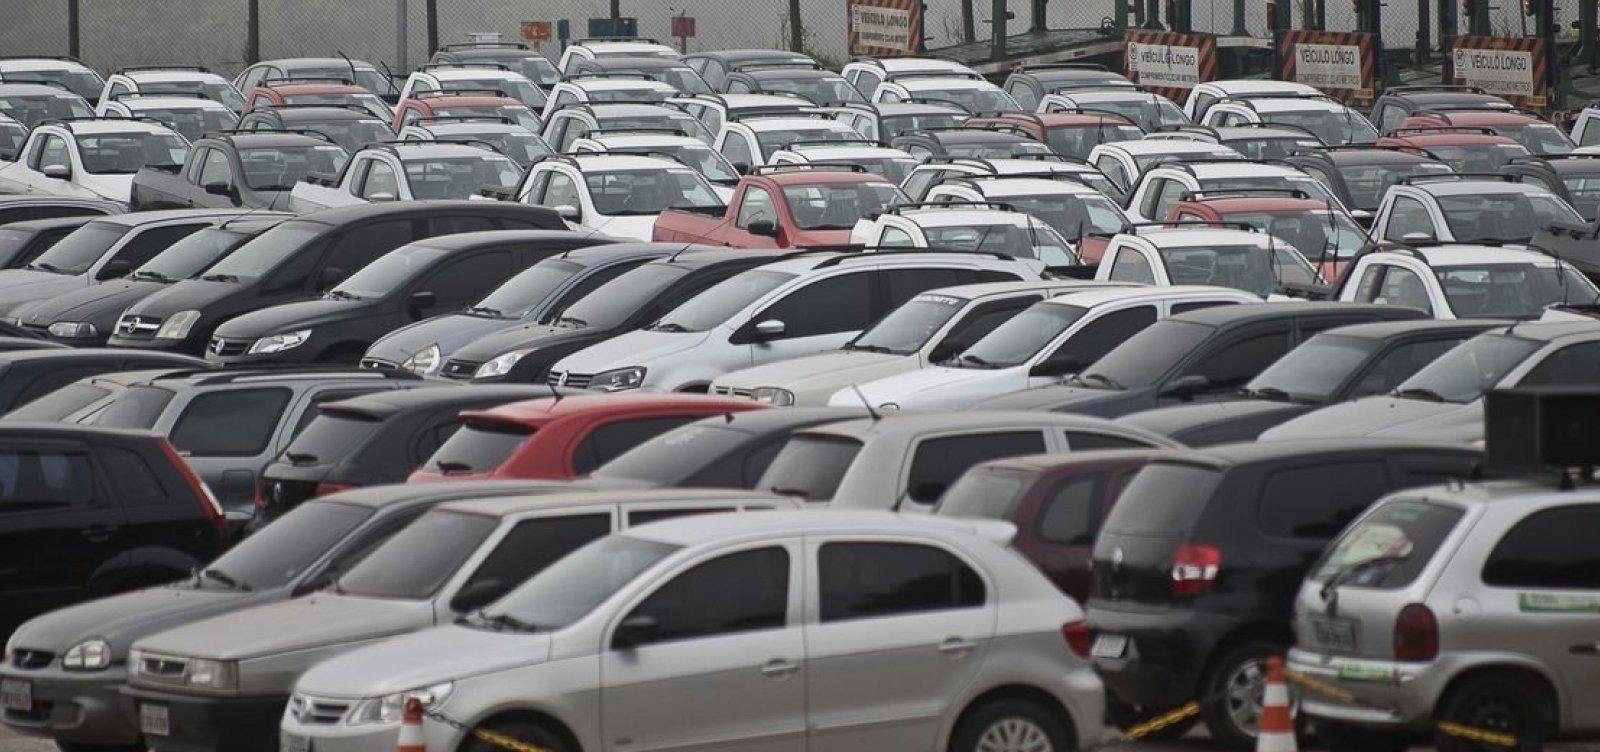 Veículos com placas de finais 5 e 6 têm desconto de 5% no IPVA em maio